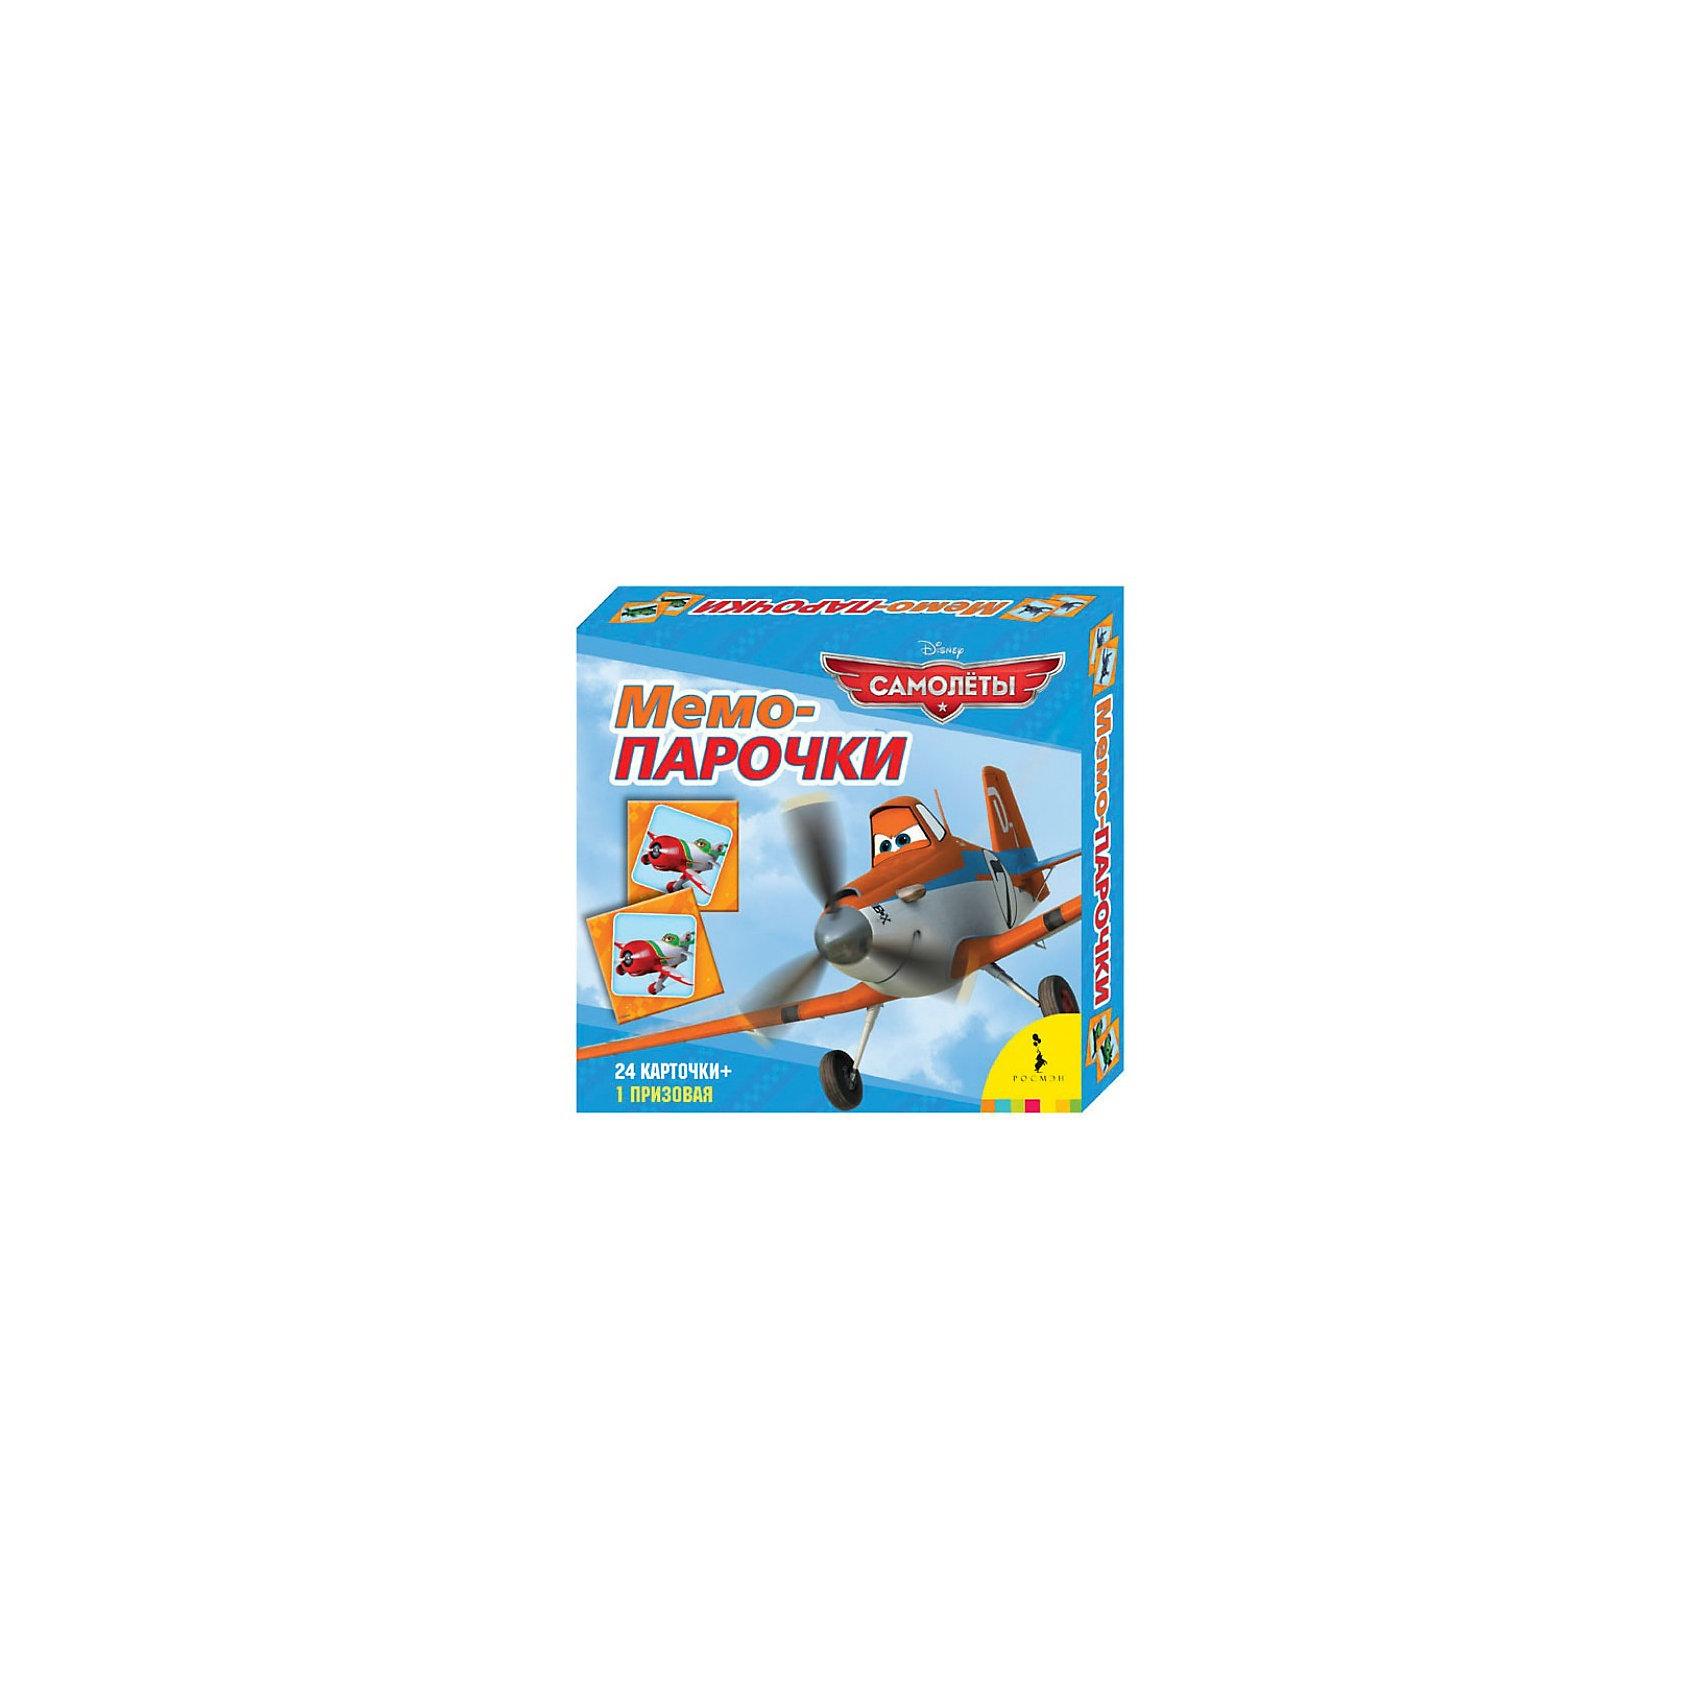 Мемо-парочки Самолеты, DisneyМемо-парочки Самолеты, Disney (Дисней) – увлекательная игра, которая состоит из 24 карточек с парными изображениями героев популярного детского мультфильма. <br><br>Правила игры крайне просты: обе колоды карточек тщательно перемешиваются между собой и раскладываются в случайном порядке. Задача игроков, переворачивая по очереди пары карточек, запомнить, где находятся одинаковые. Если картинки на карточках не совпадают, то игрок кладет карточки на место картинками вниз, и ход переходит к следующему игроку. Если при открытии образовалась «парочка», то игрок забирает обе карточки себе и делает следующий ход. Выигрывает тот, кто набирает больше всех парных карточек за игру. Данная игра способствует развитию памяти и внимания.<br><br>Комплектация: карточки 25 шт. (1 призовая)<br><br>Дополнительная информация:<br>-Материал: картон<br>-Размер упаковки: 17х17х3 см<br>-Вес: 130 г<br><br>Веселые картинки с изображением героев из любимых мультфильмов порадуют ребенка. Мемо - увлекательная игра, которая развивает внимание и тренирует память.<br><br>Мемо-парочки Самолеты, Disney (Дисней) можно купить в нашем магазине.<br><br>Ширина мм: 175<br>Глубина мм: 170<br>Высота мм: 30<br>Вес г: 140<br>Возраст от месяцев: 36<br>Возраст до месяцев: 84<br>Пол: Мужской<br>Возраст: Детский<br>SKU: 3537112